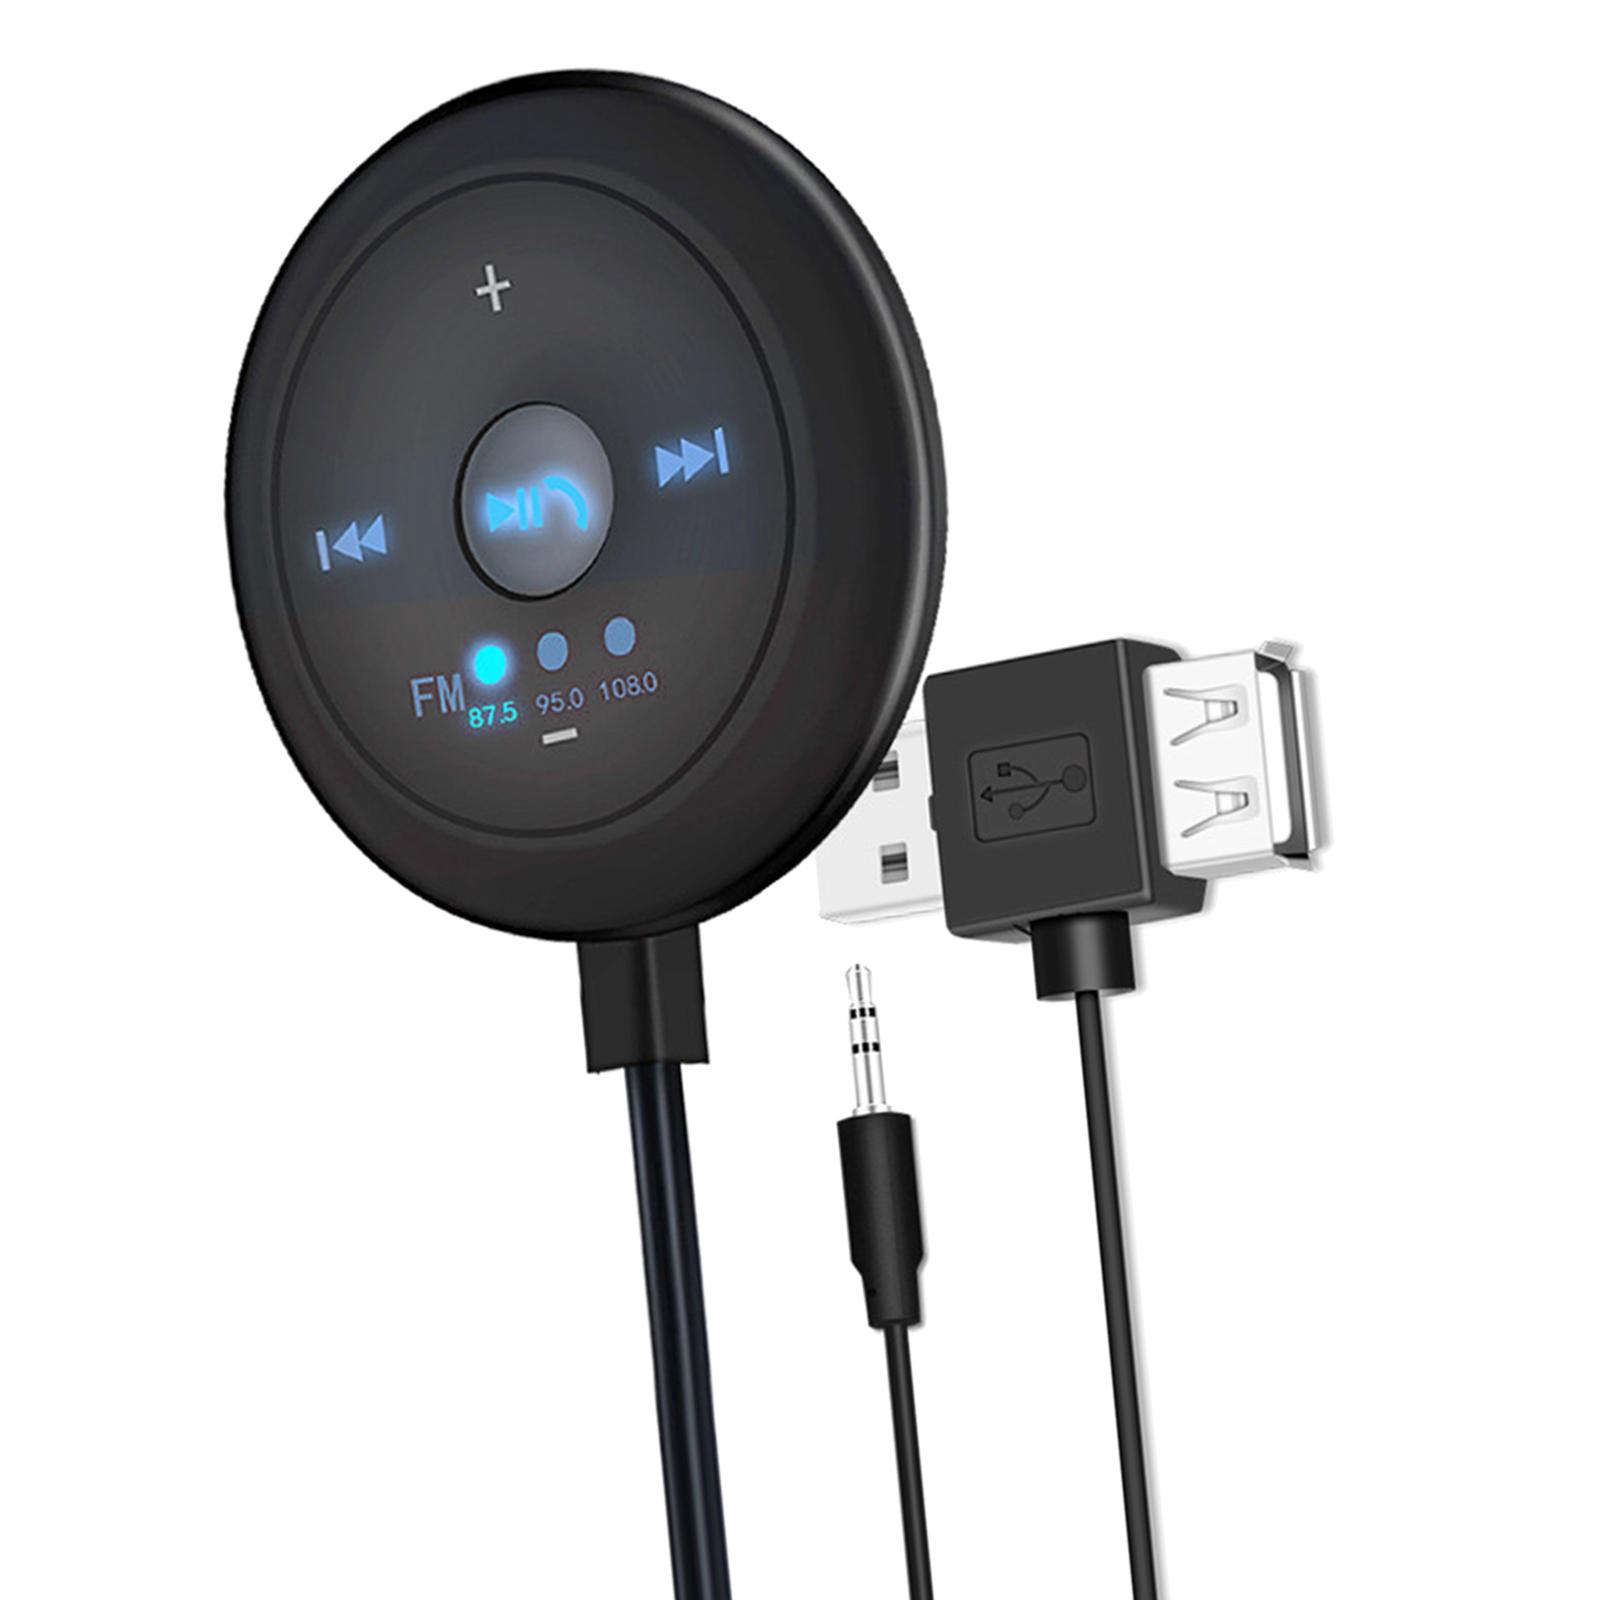 Indexbild 11 - AUX Audio Adapter 2 in 1 FM Transmitter Basis Eingebaute Mic 5x5x1,7 cm für